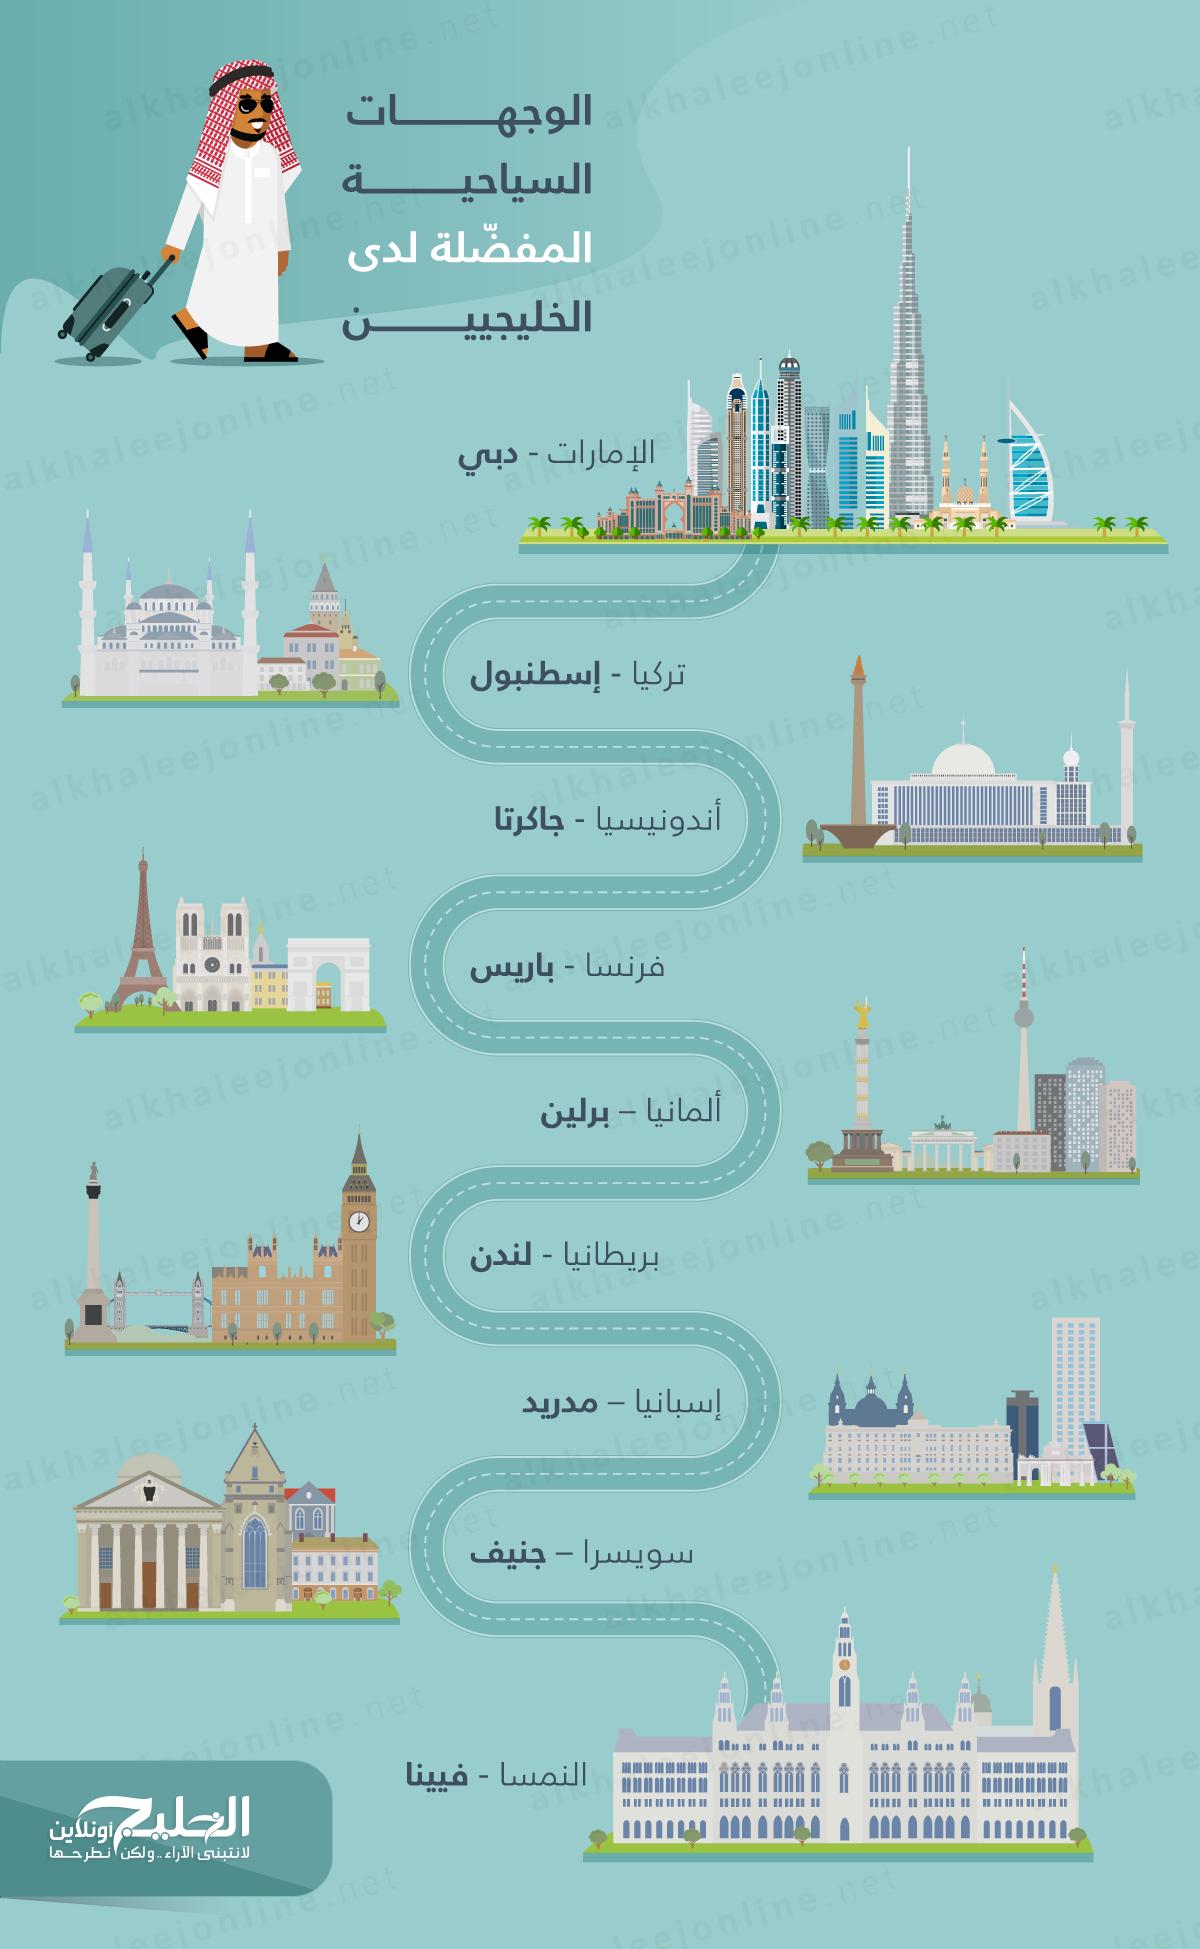 الوجهات-السياحية-المفضلة-لدى-الخليجيين